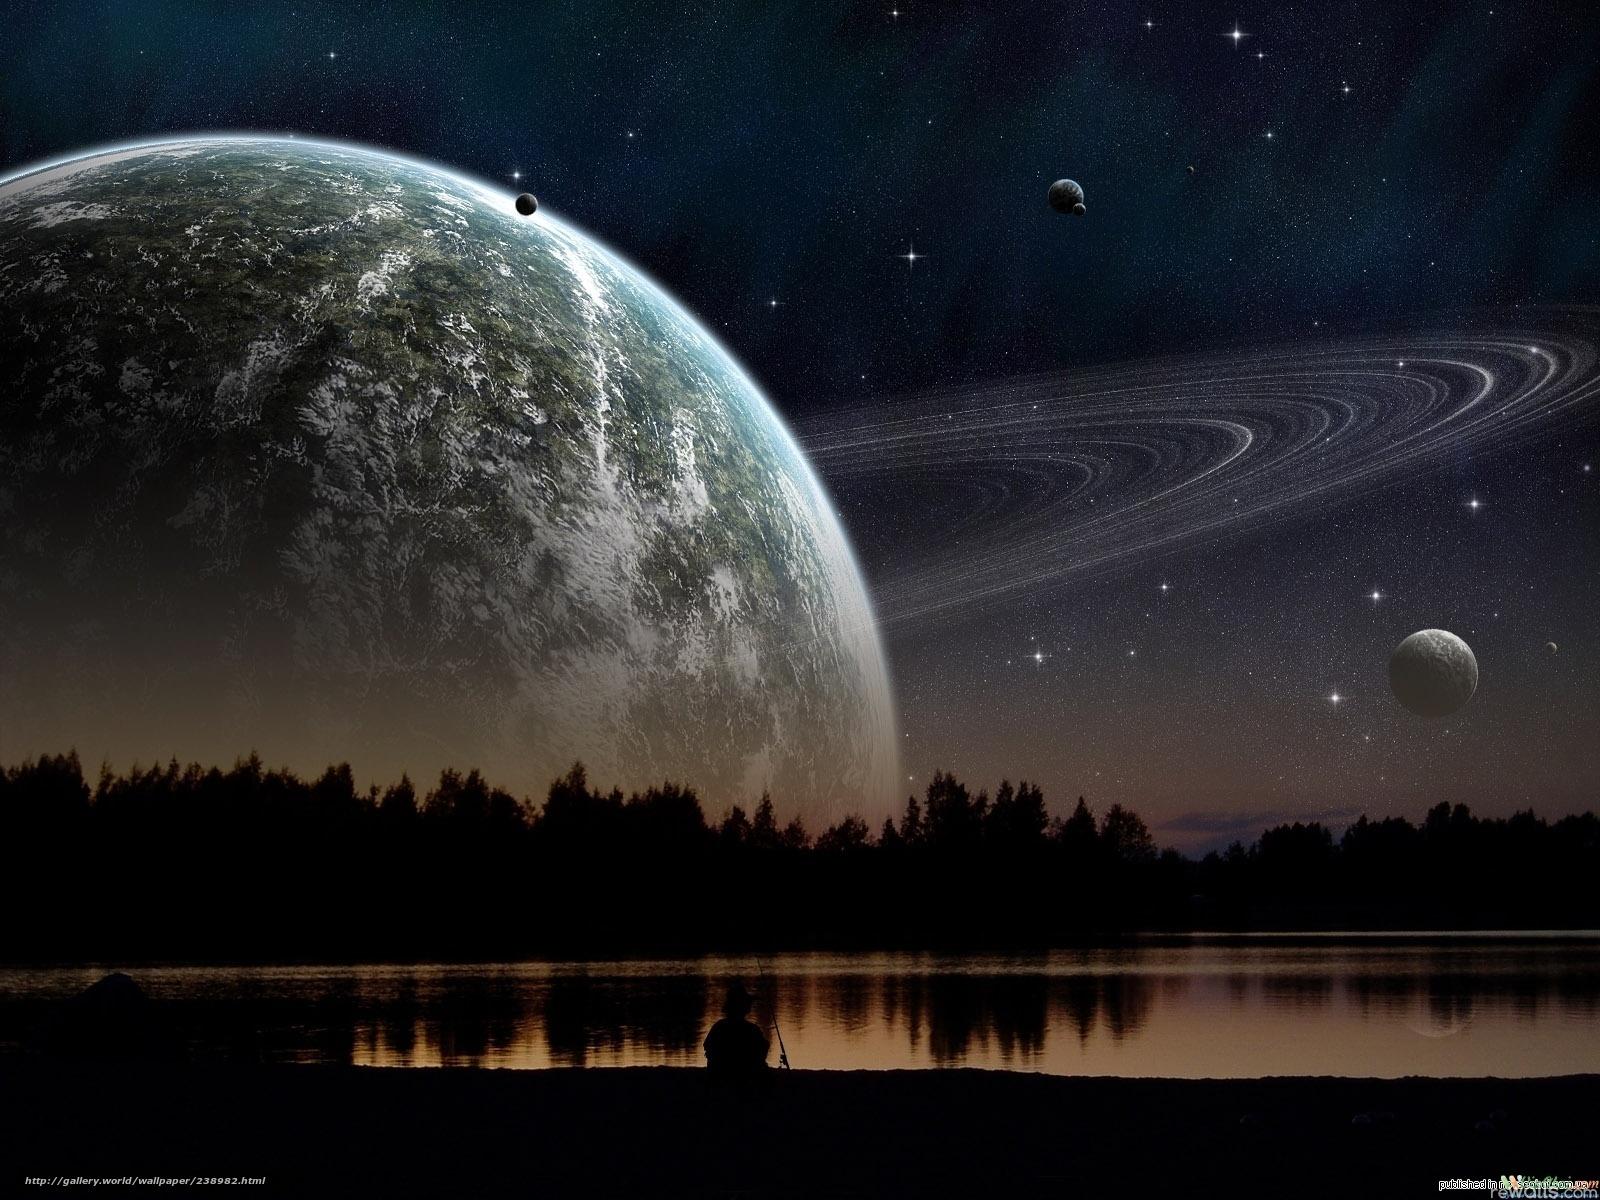 Скачать на телефон обои фото картинку на тему планета,  закат,  озеро, разширение 1600x1200